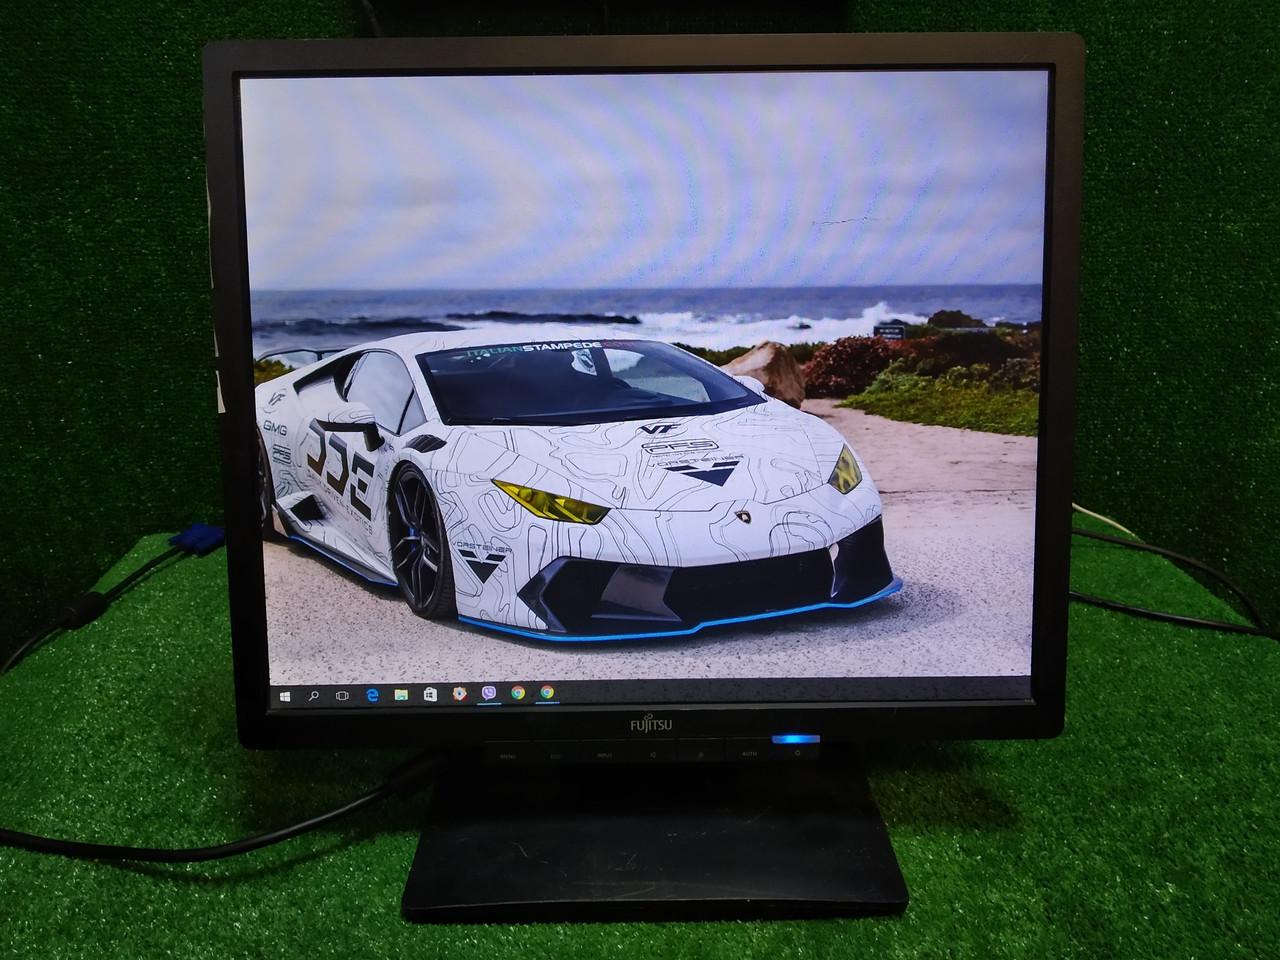 Монитор 19 Fujitsu e19-6 LED уценка, реальные фото